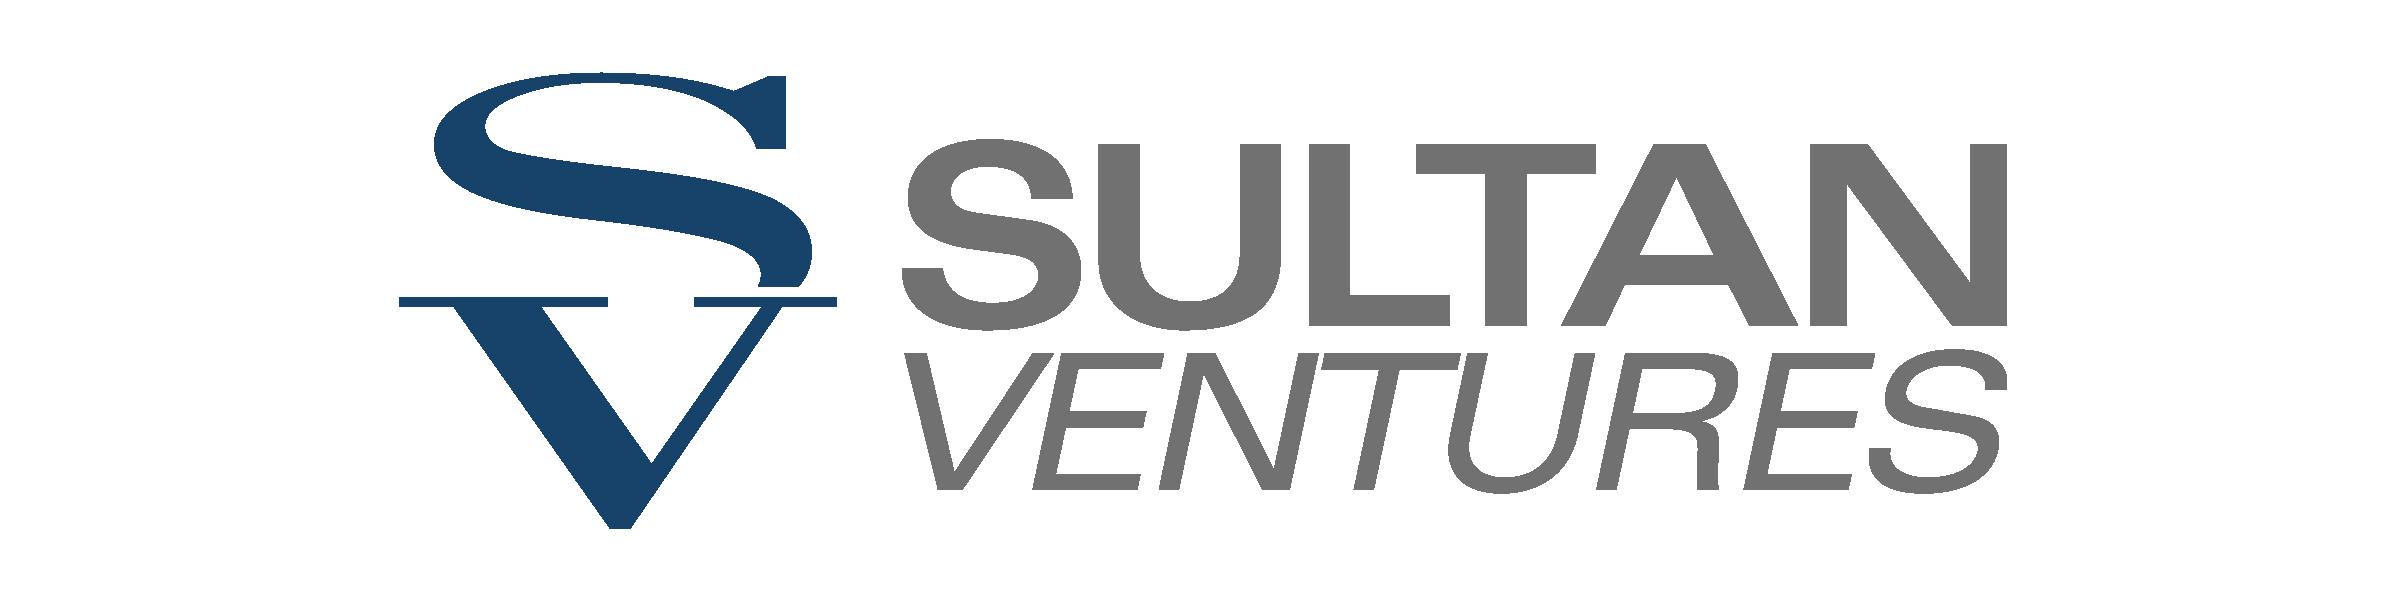 Sultan_Ventures_logo